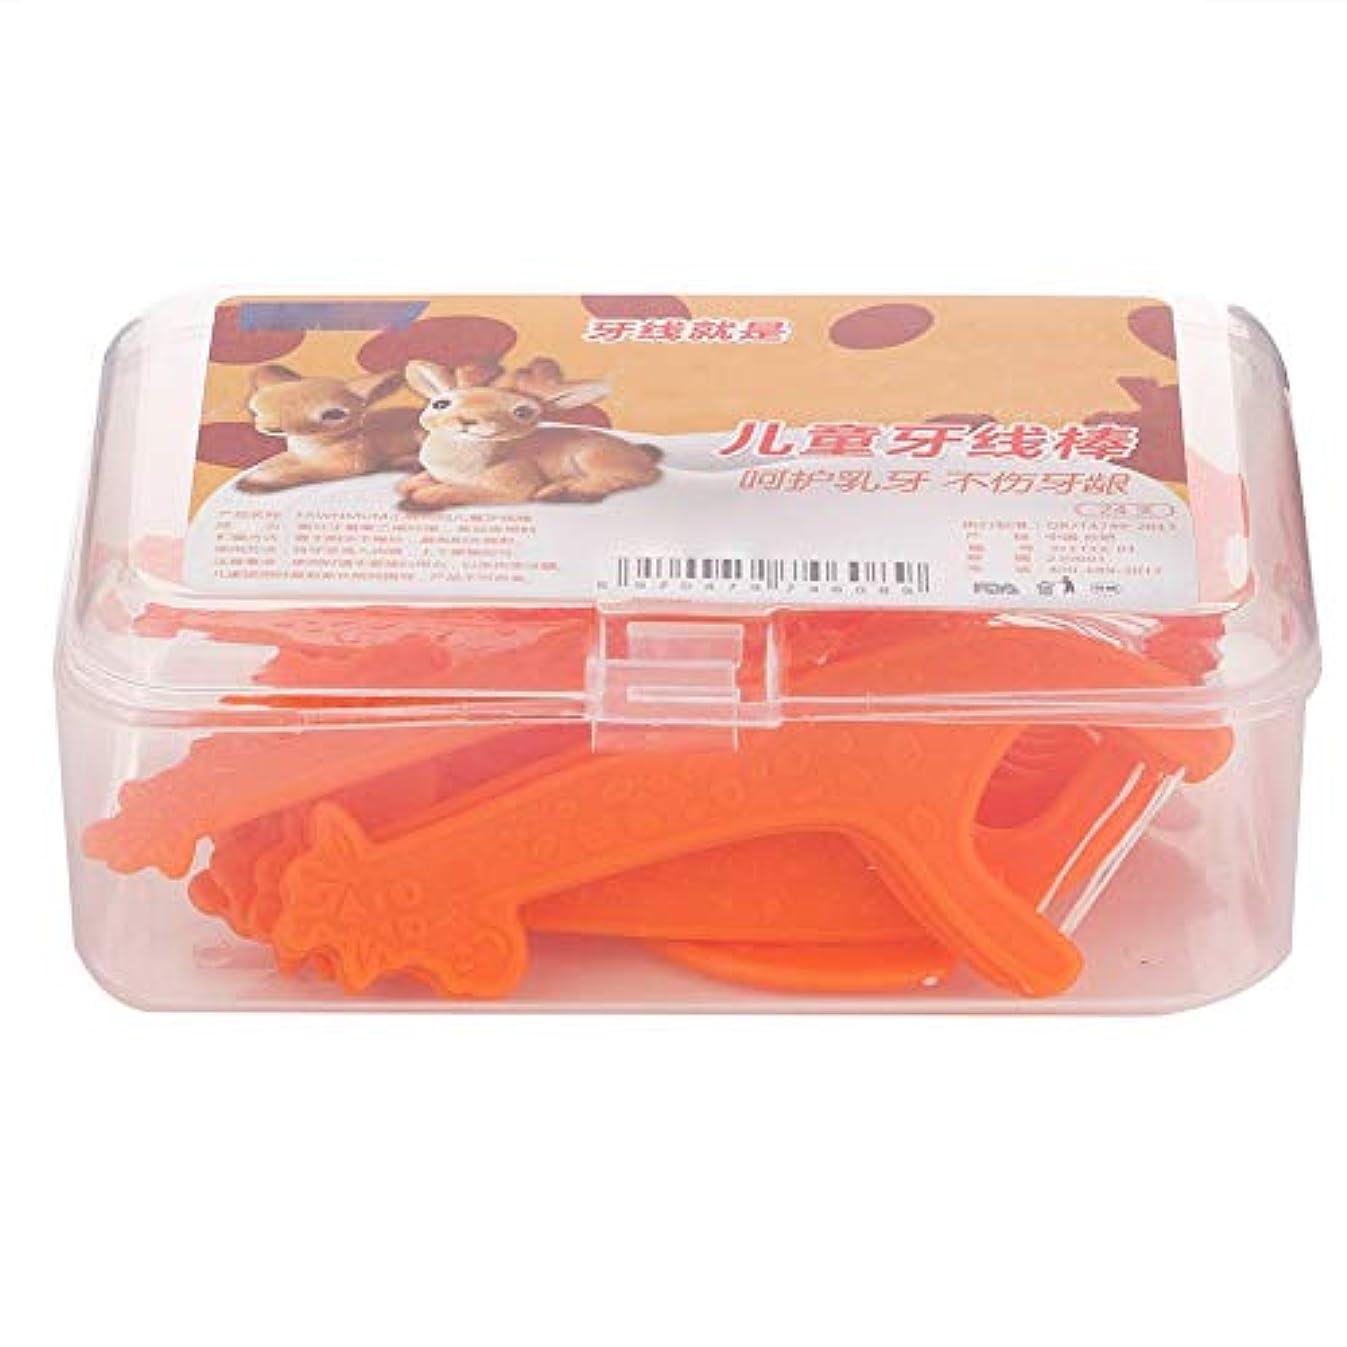 プロットスポンサー有限デンタルフロス、子供デンタルフロスつまようじ使い捨て歯スティック子供のための歯のクリーナー歯のケアツール(24個/箱)